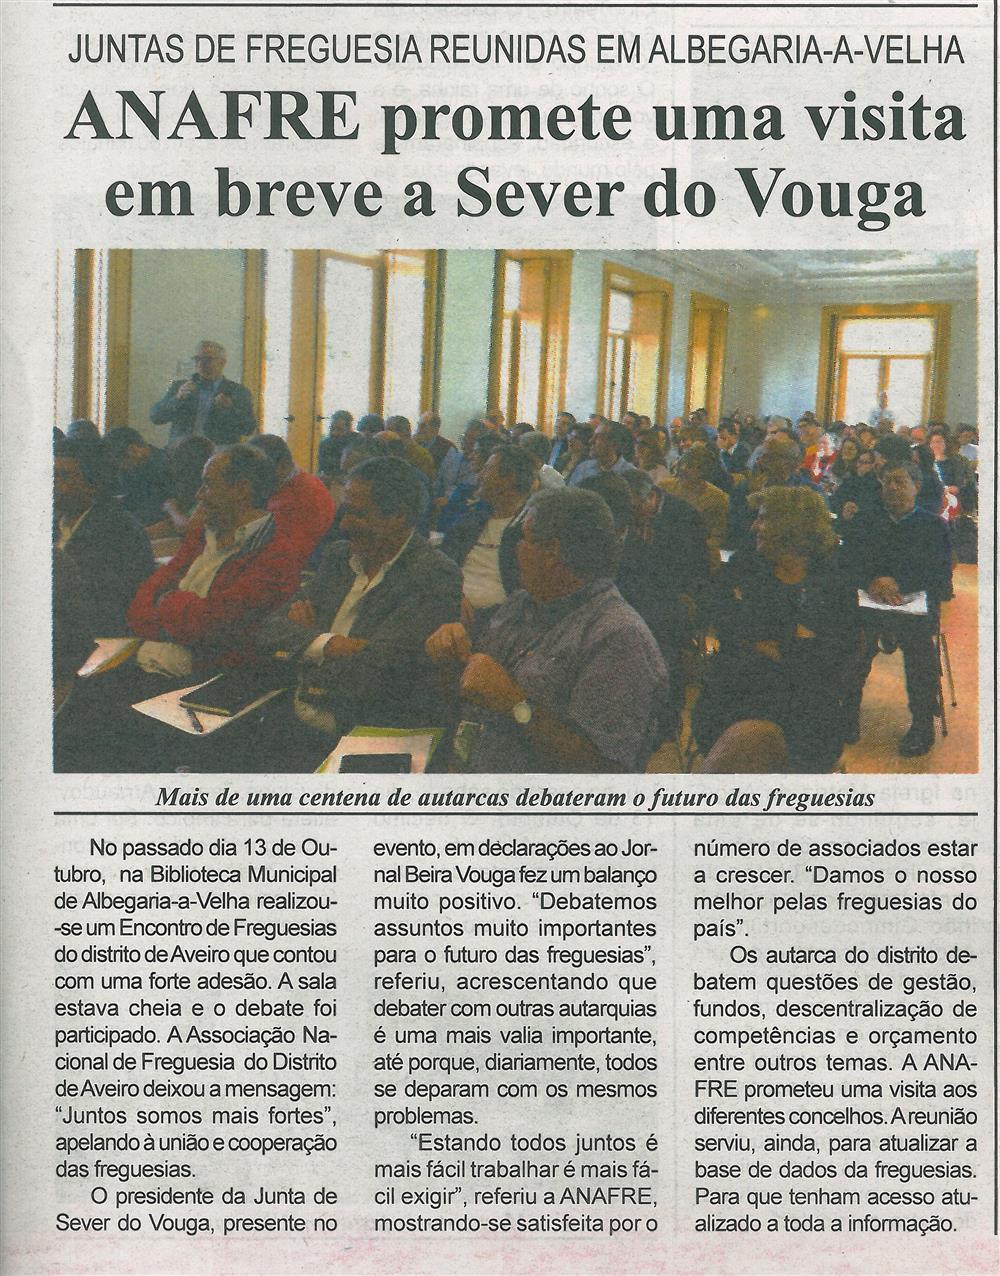 BV-2.ªout.'18-p.9-ANAFRE promete uma visita em breve a Sever do Vouga : juntas de freguesia reunidas em Albergaria-a-Velha.jpg